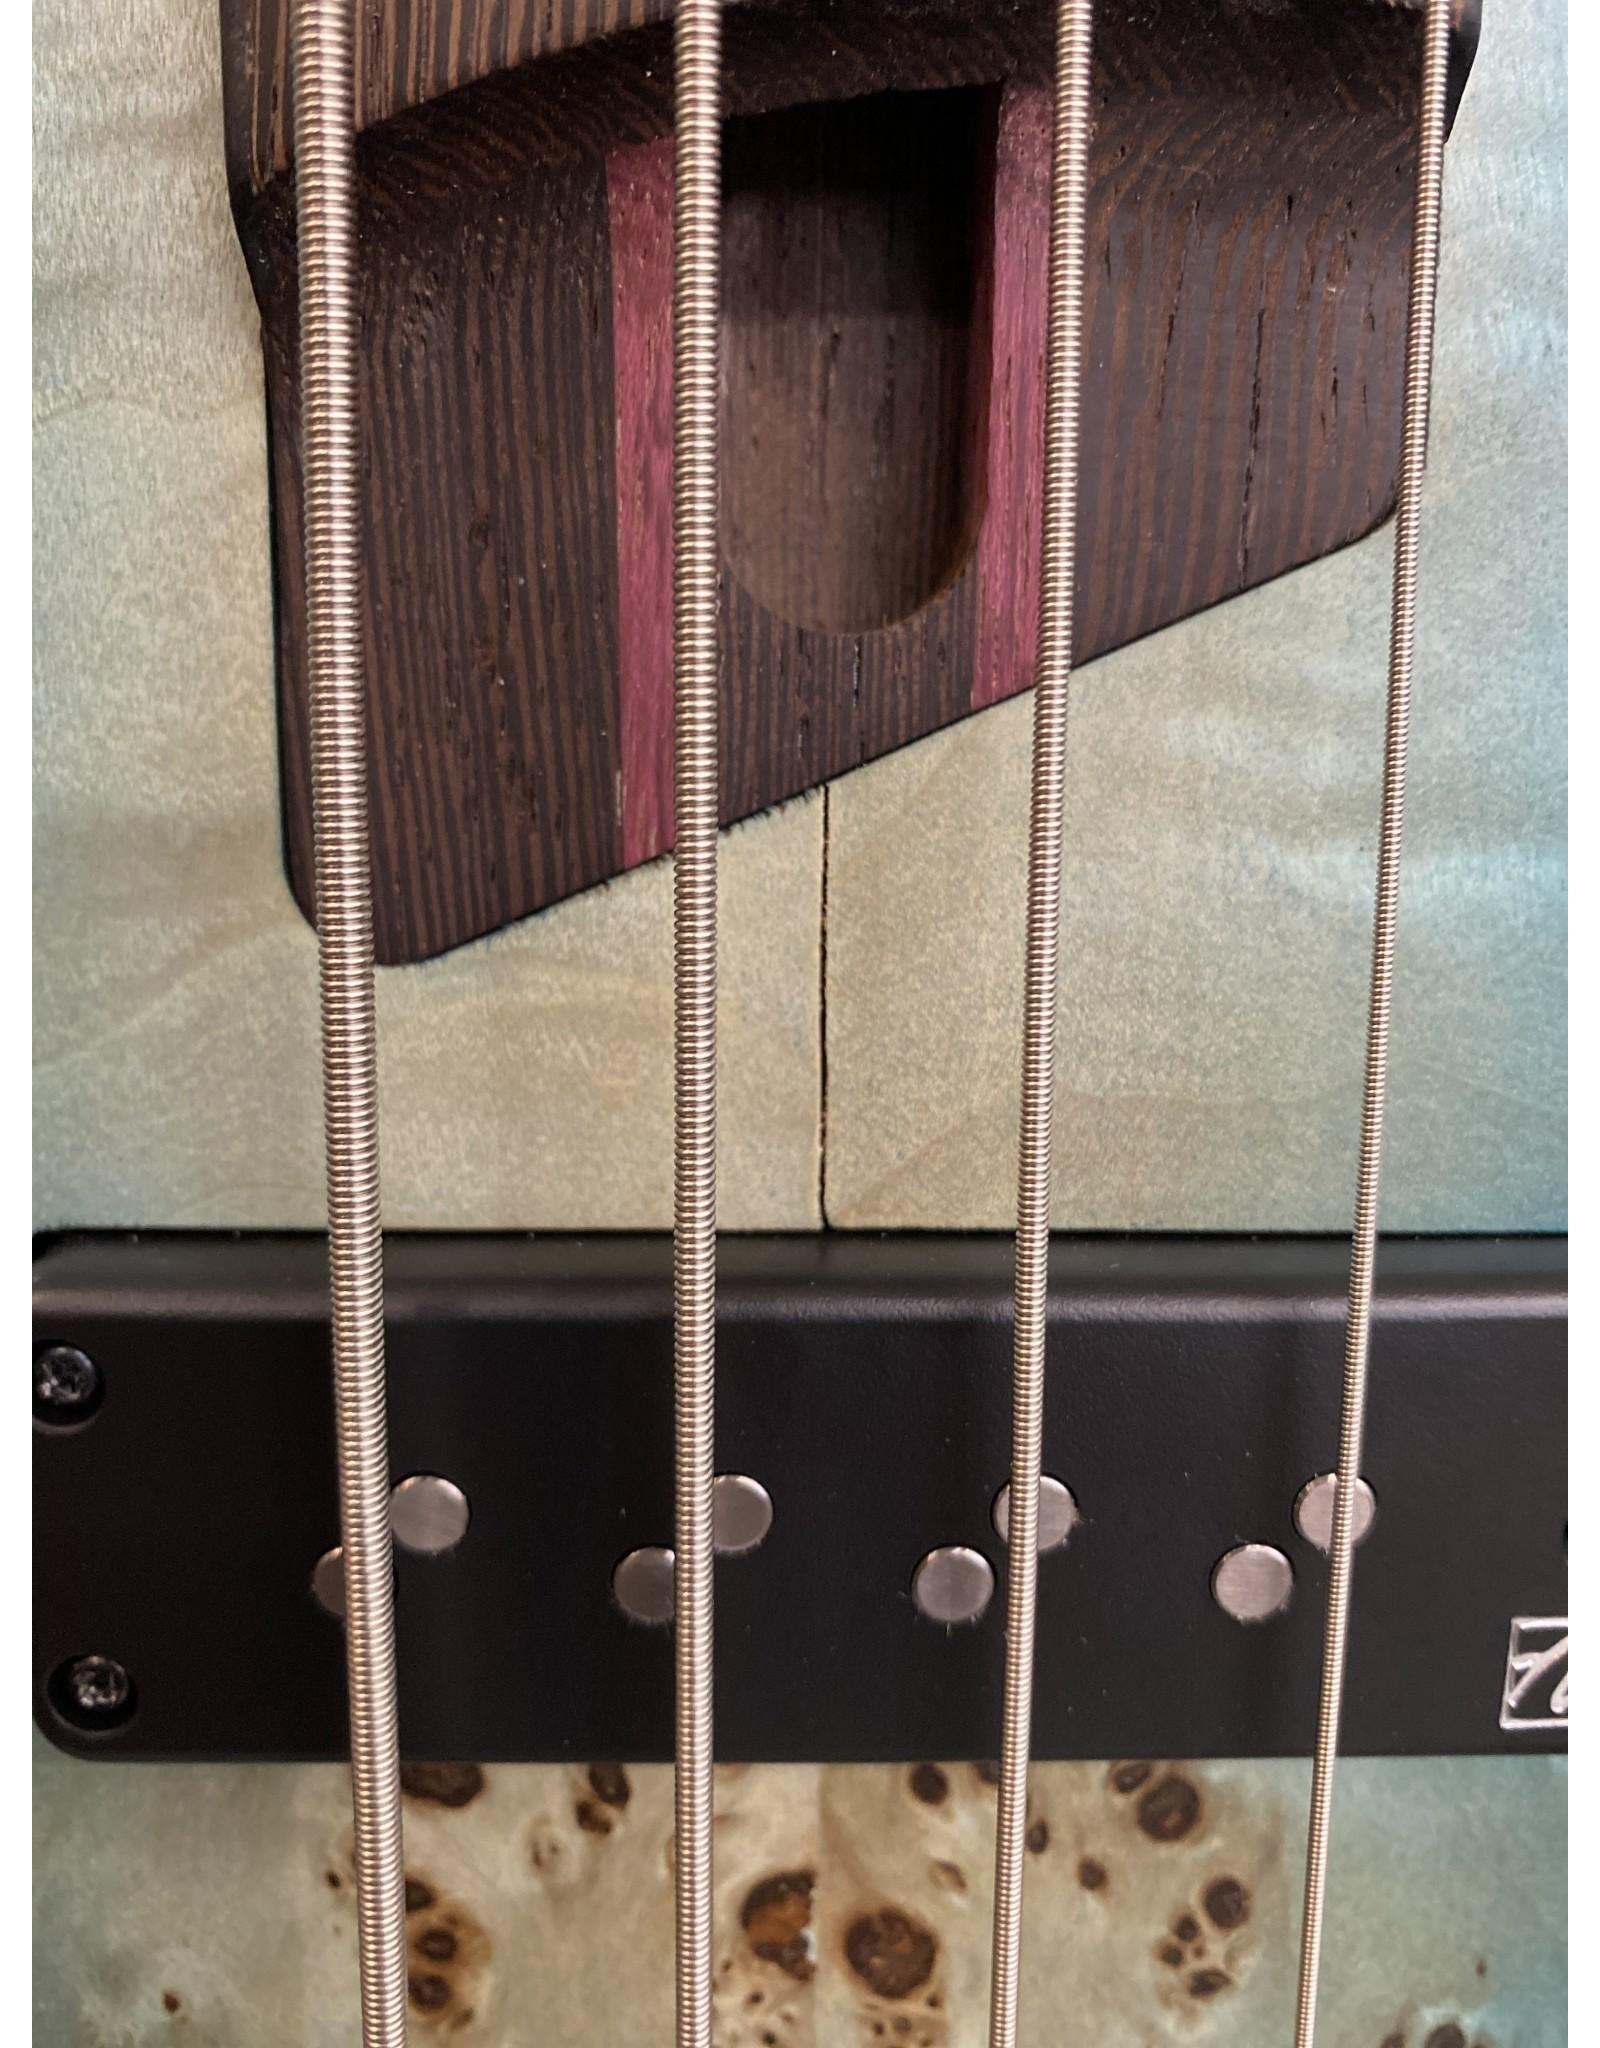 Ibanez Ibanez SR1600B Premium Caribbean Shoreline Flat Bass (BLEM)